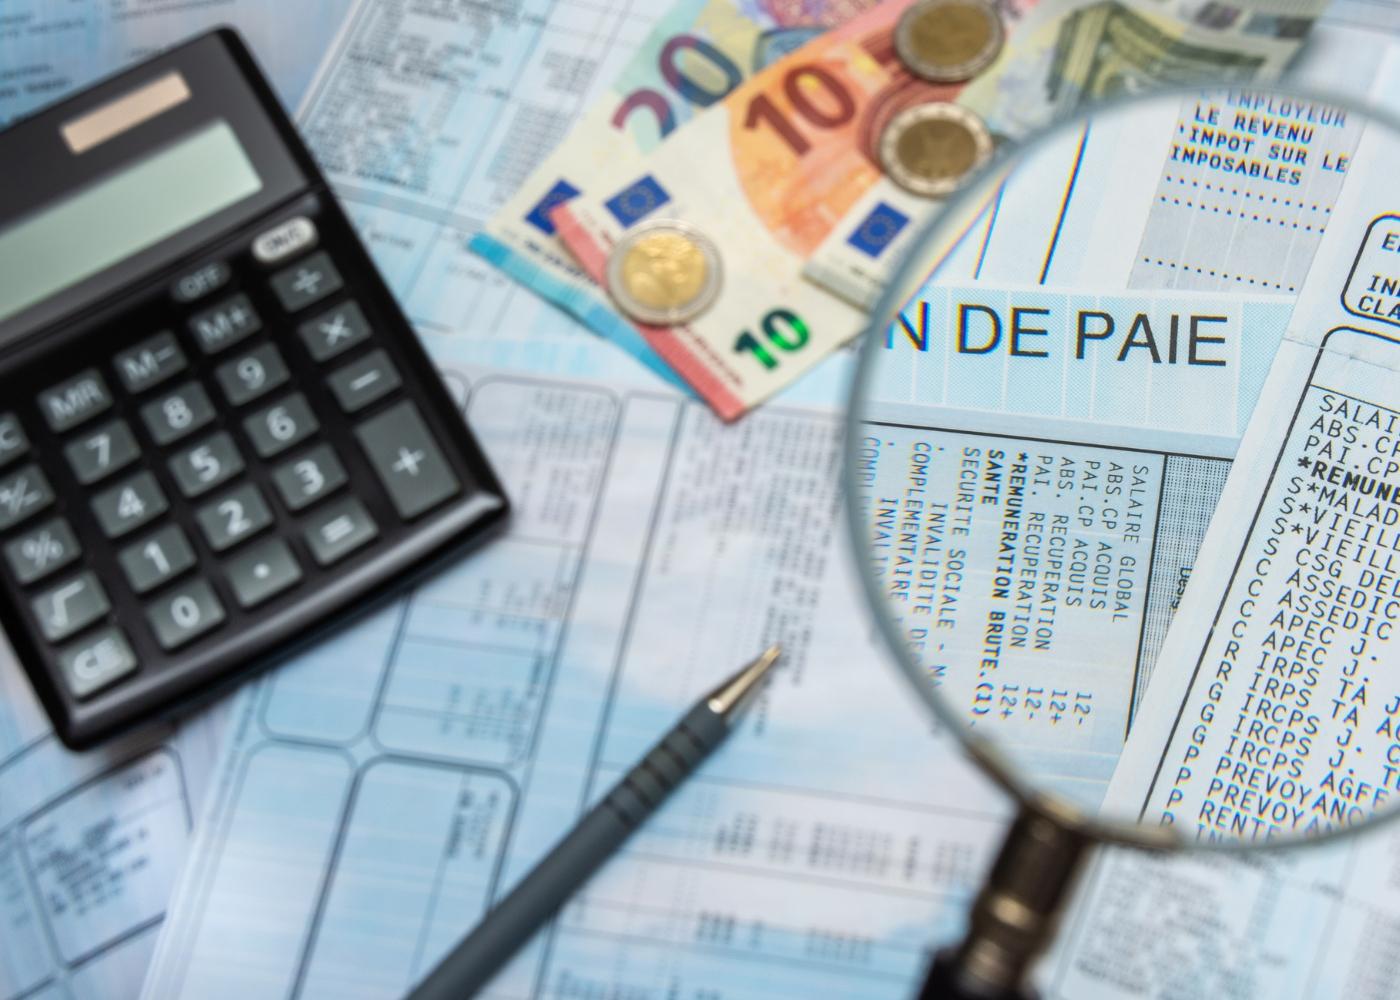 calculadora, dinheiro e formulários do subsídio de desemprego